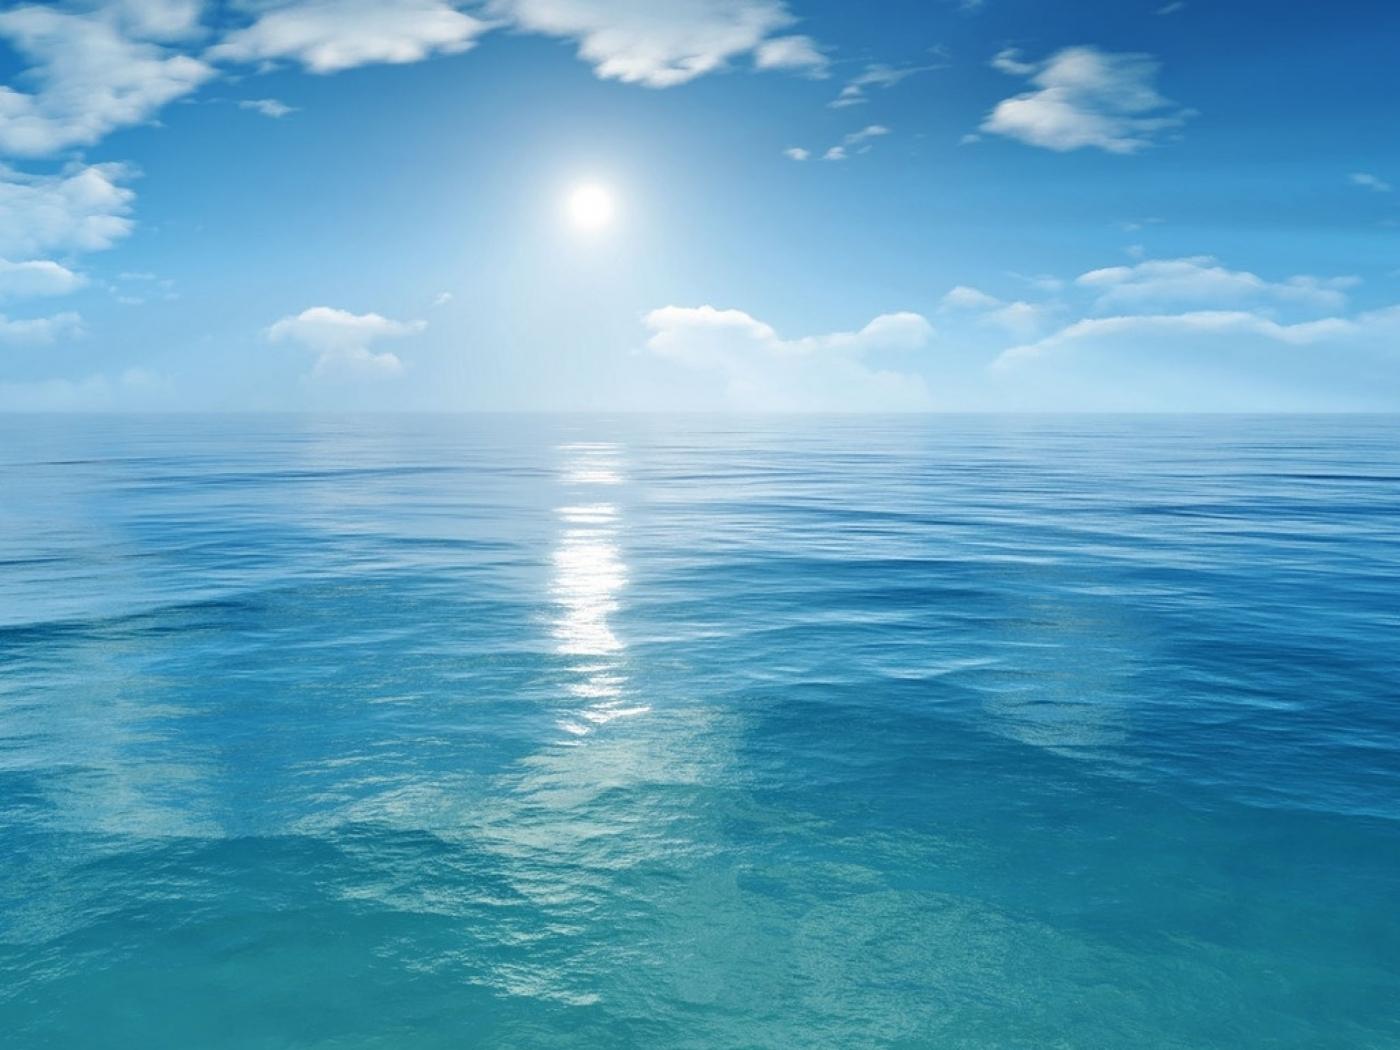 42204 скачать Синие обои на телефон бесплатно, Пейзаж, Море Синие картинки и заставки на мобильный